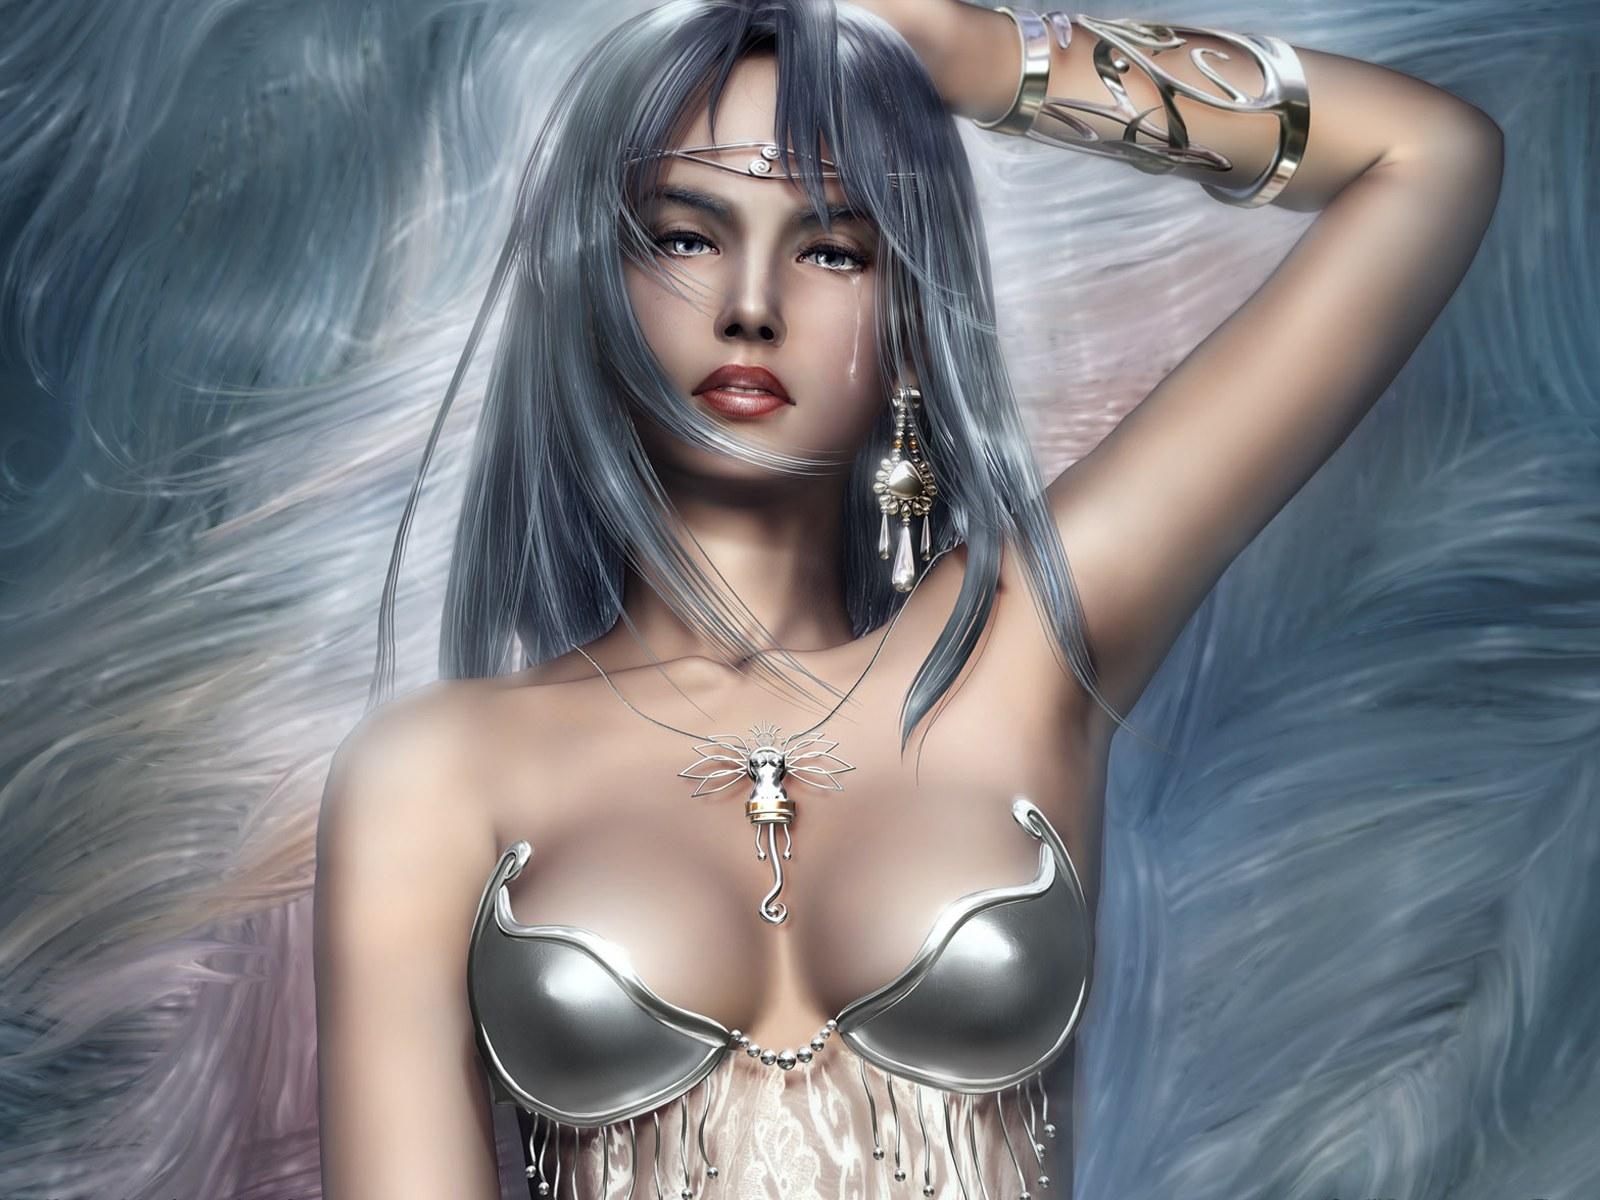 游戏cg美女壁纸壁纸,游戏盘点 美女角色cg壁纸图片 游戏壁纸